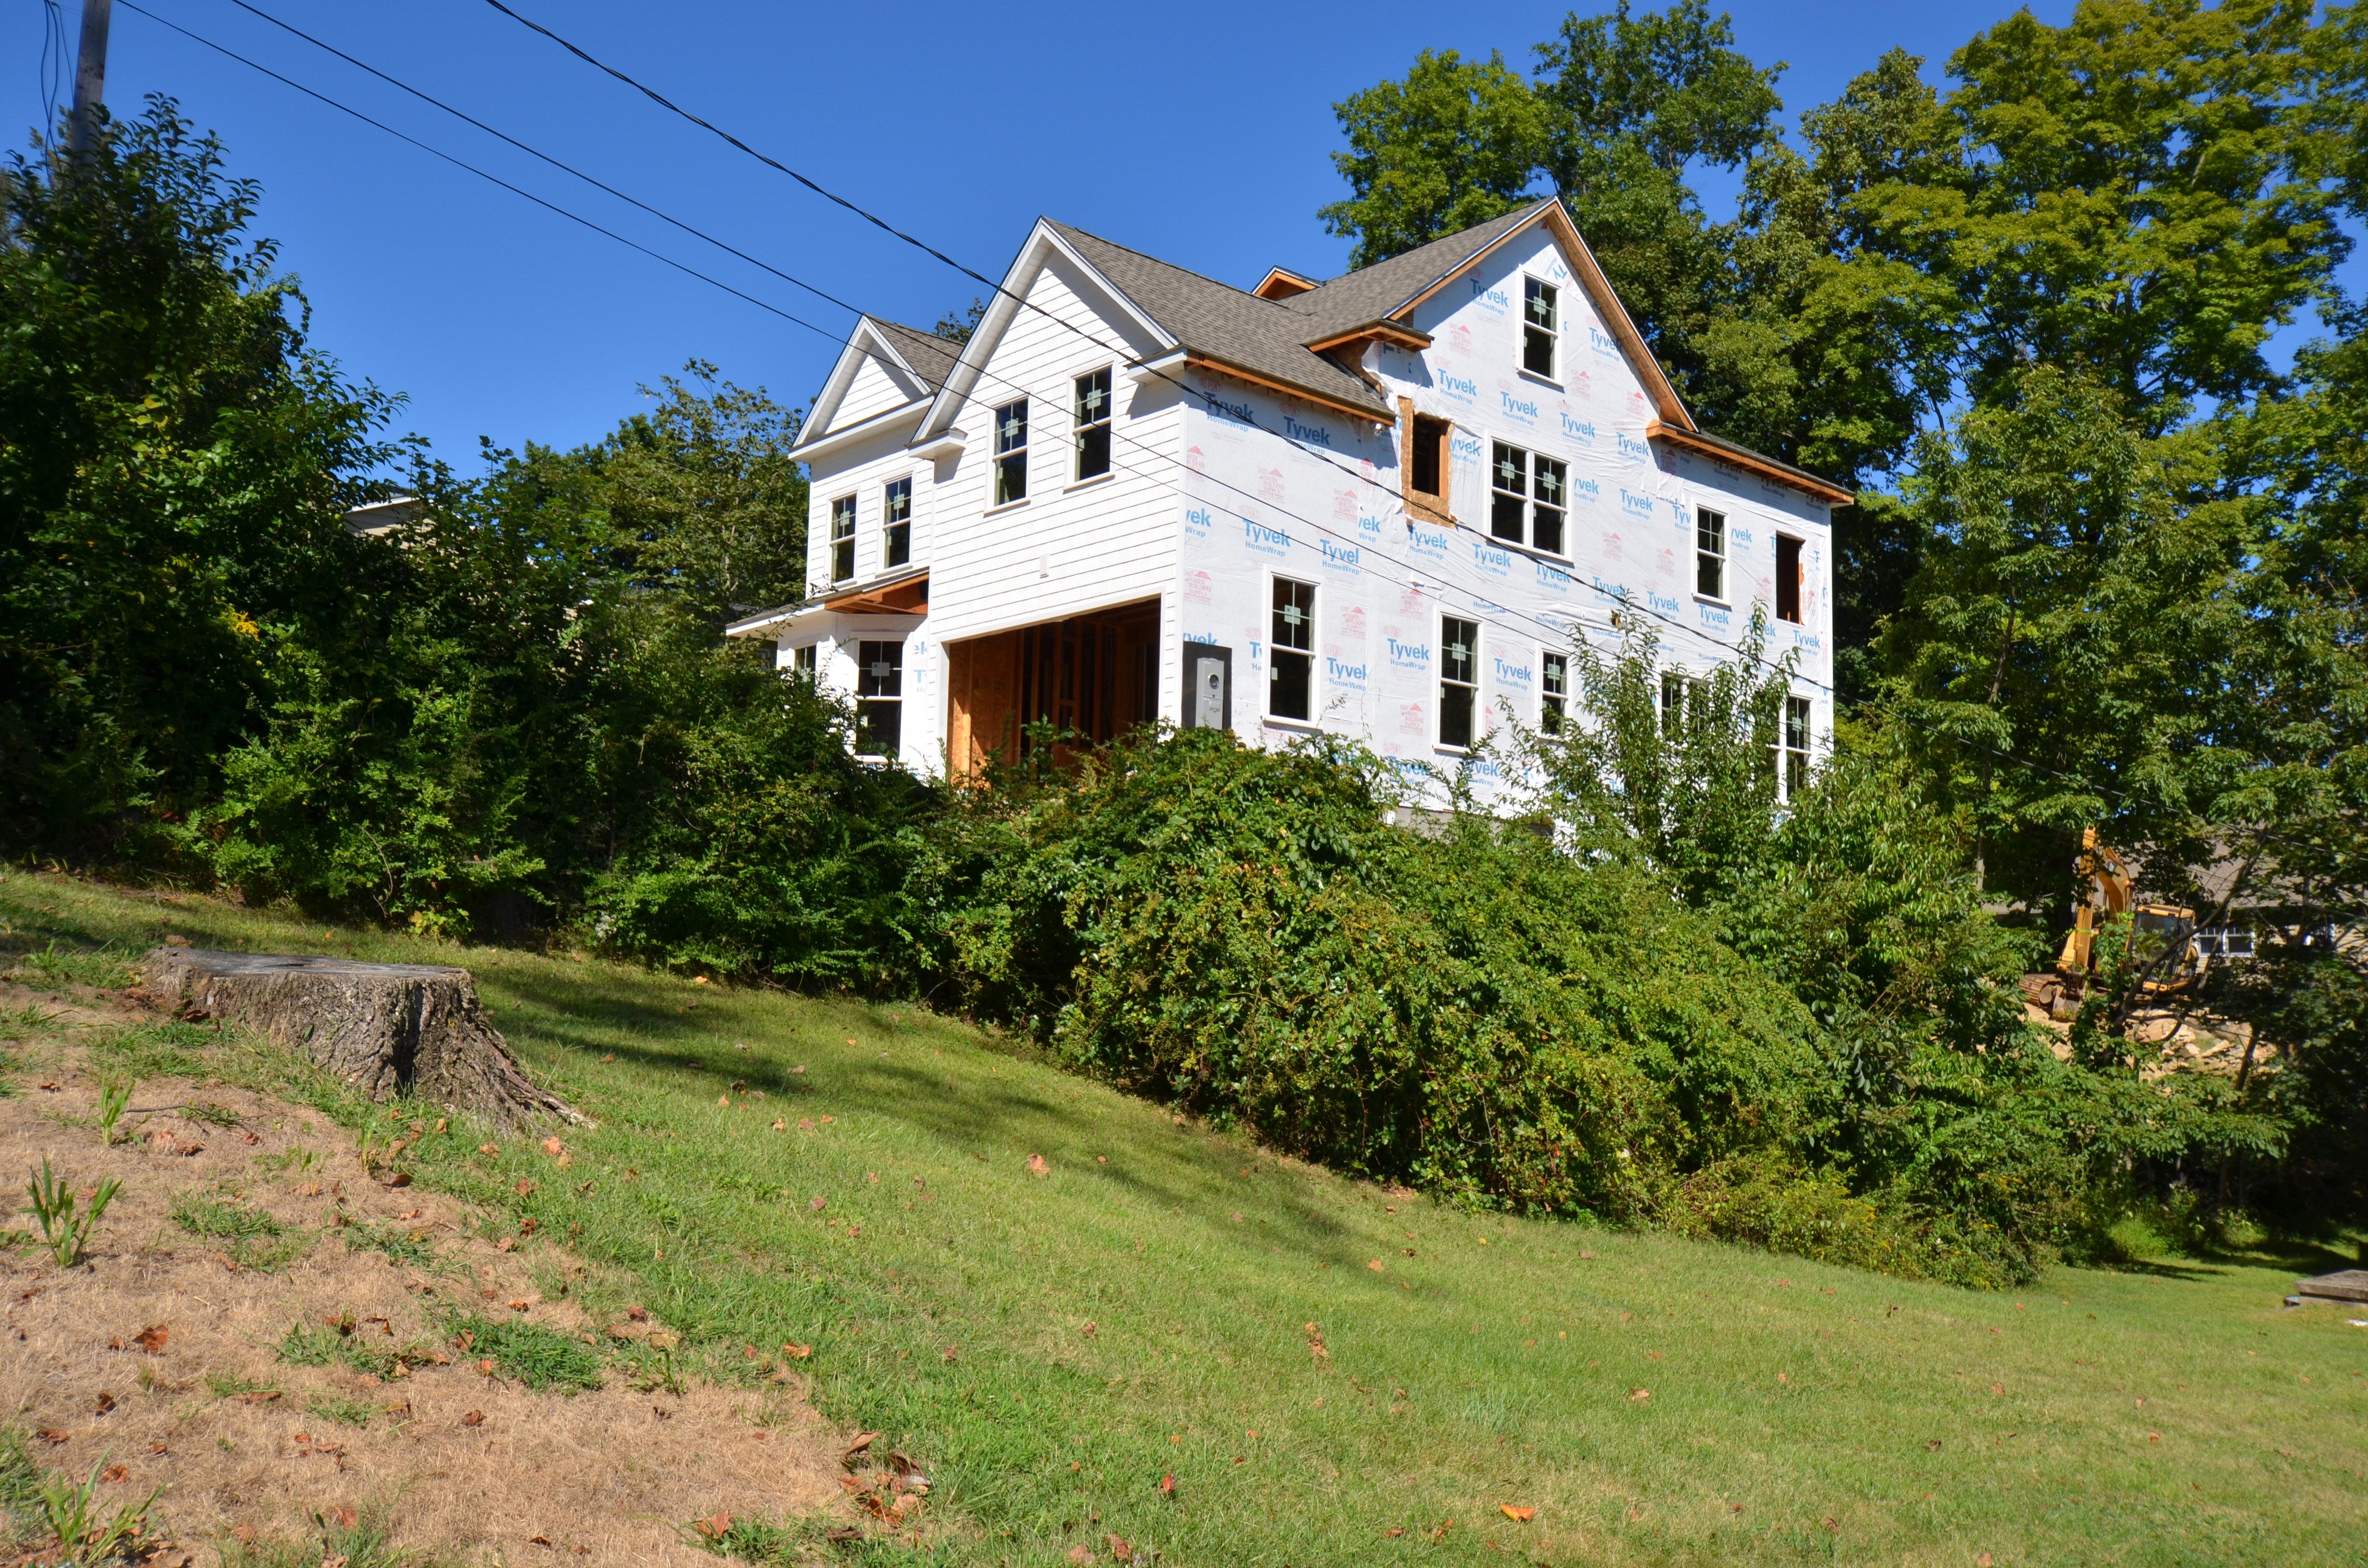 단독 가정 주택 용 매매 에 Andy Frank New Construction 14 Wakenor Road Westport, 코네티컷 06880 미국